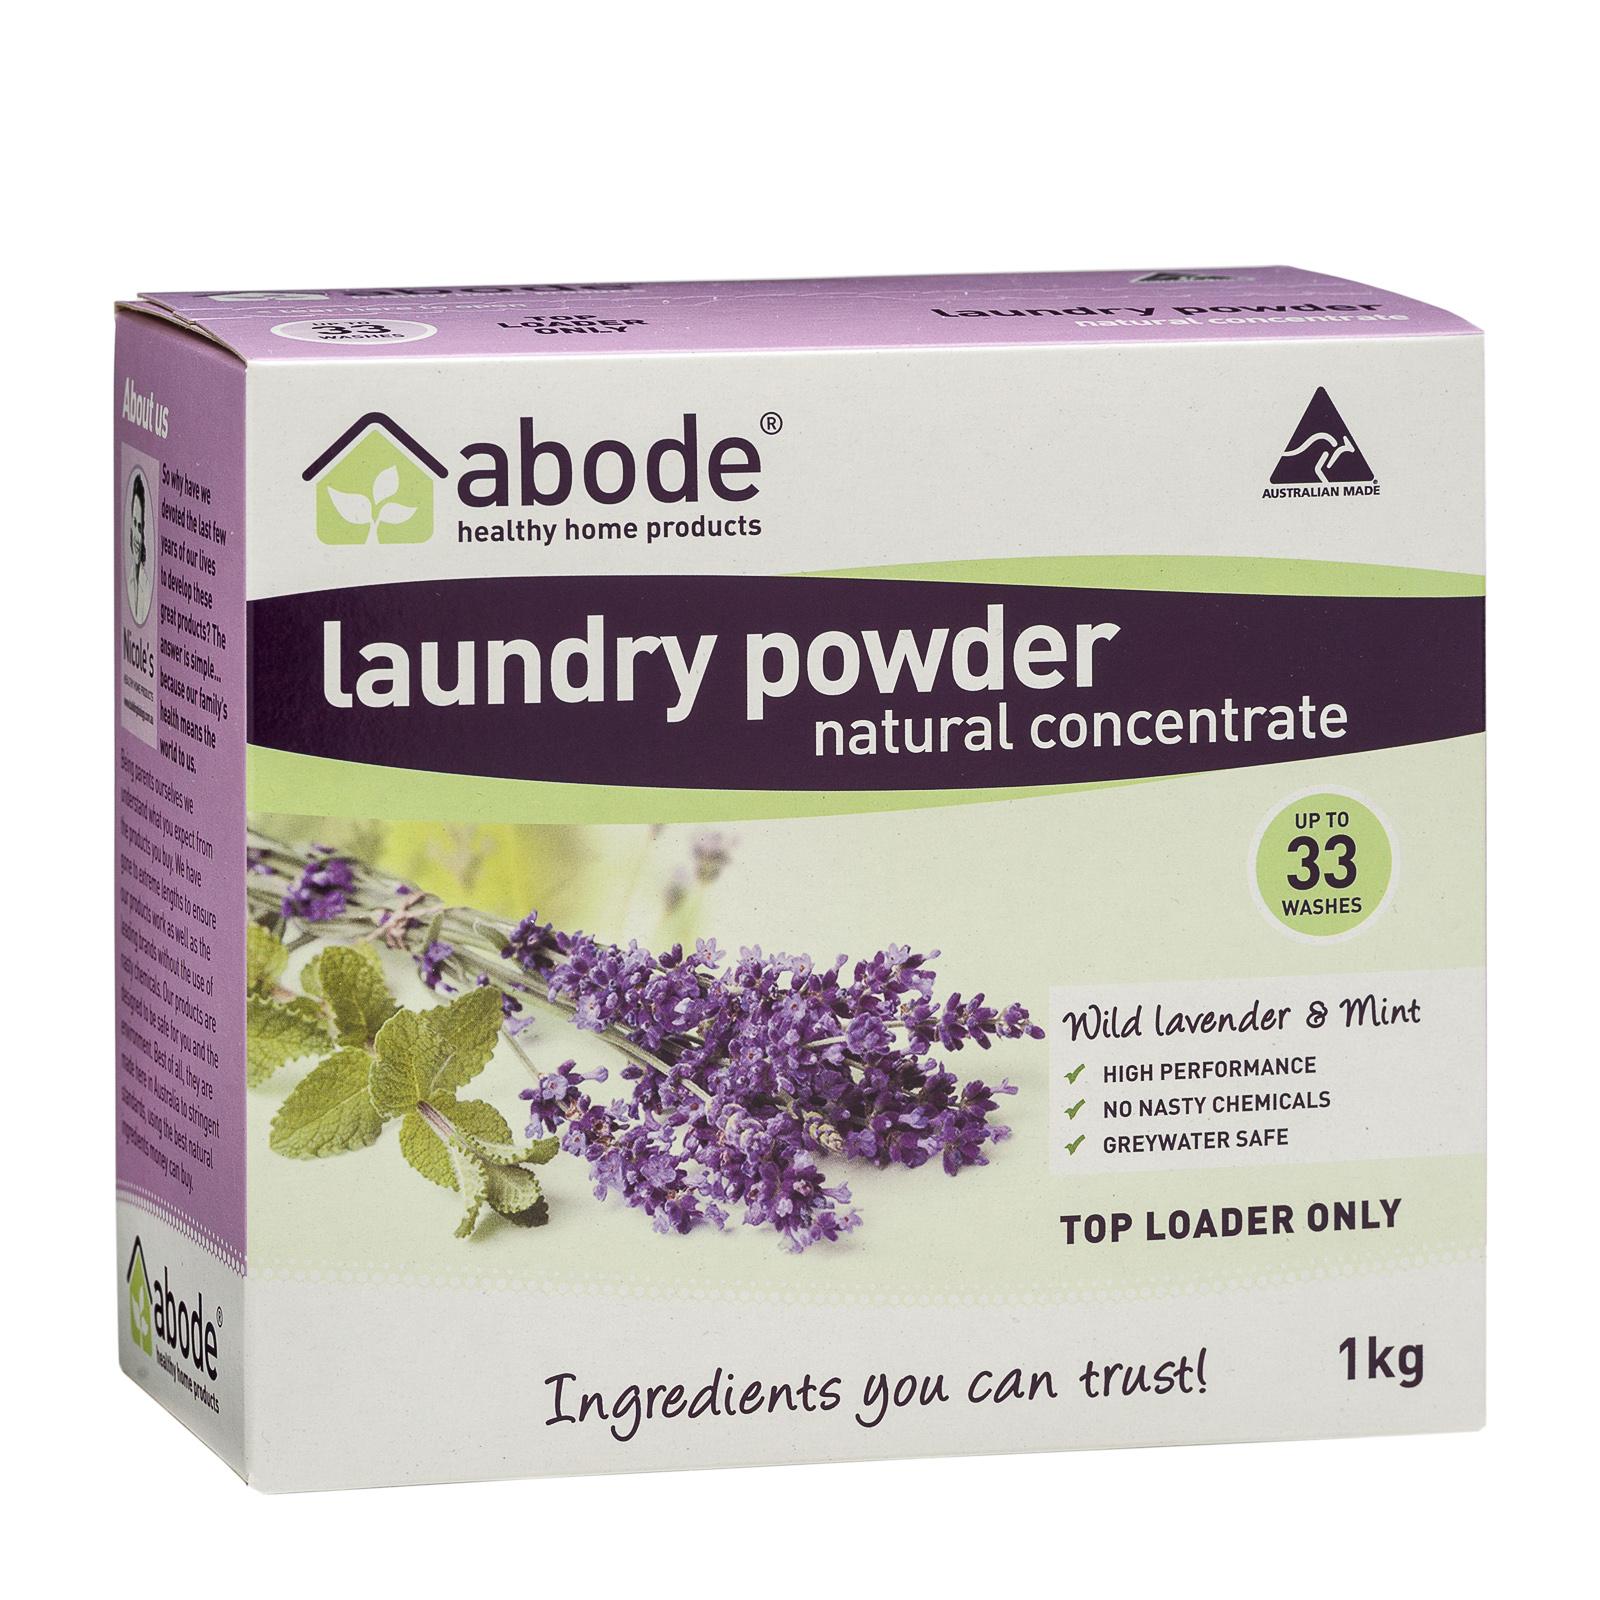 Abode Lavender & Mint Top Loader Laundry Powder (1kg)